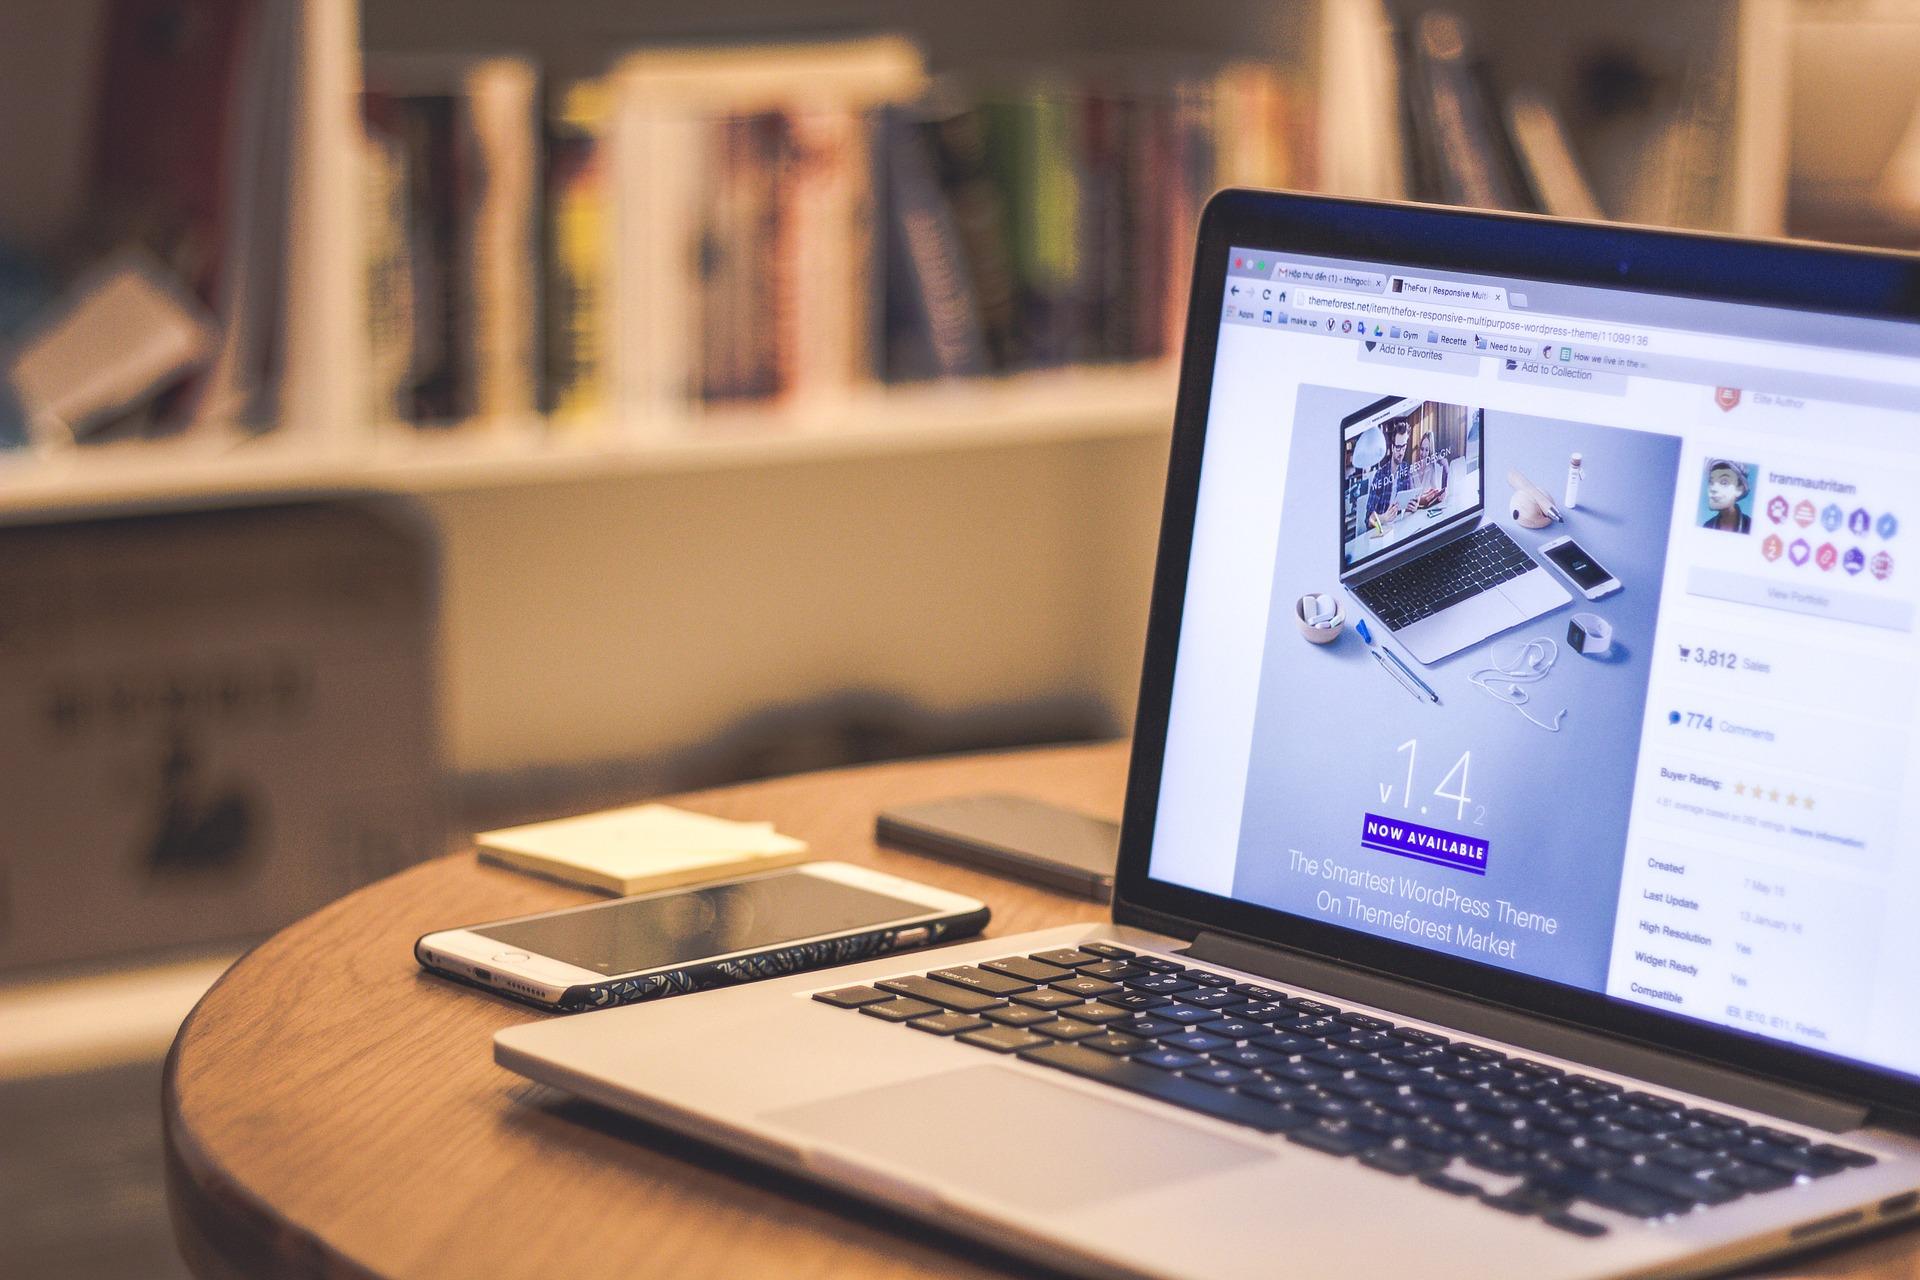 Ny billig hjemmeside til markeds bedste pris